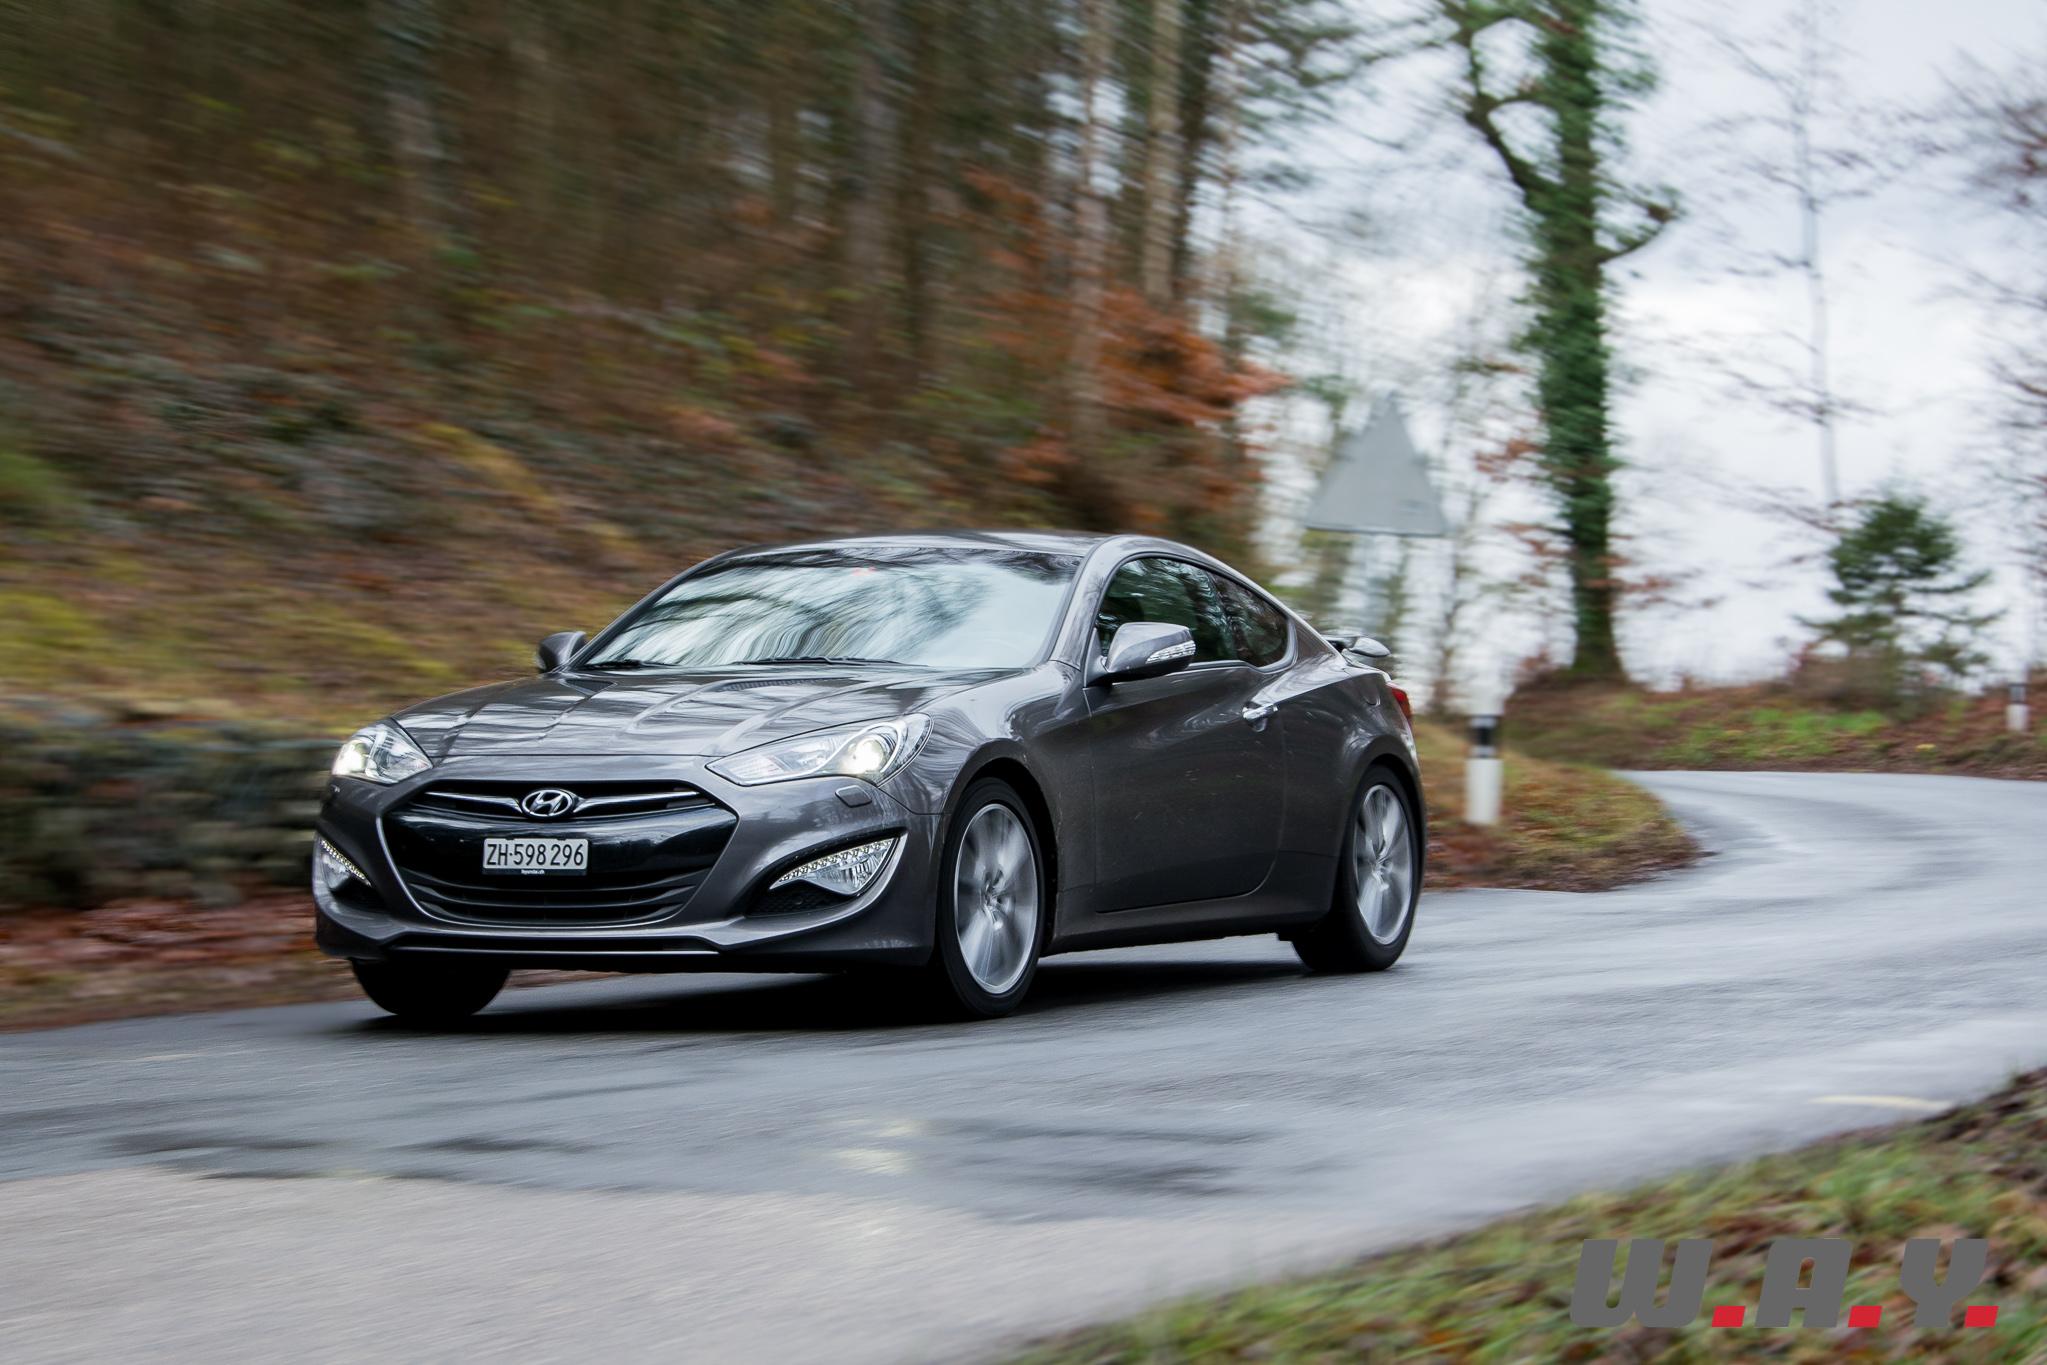 HyundaiGenesis-Coupe-1